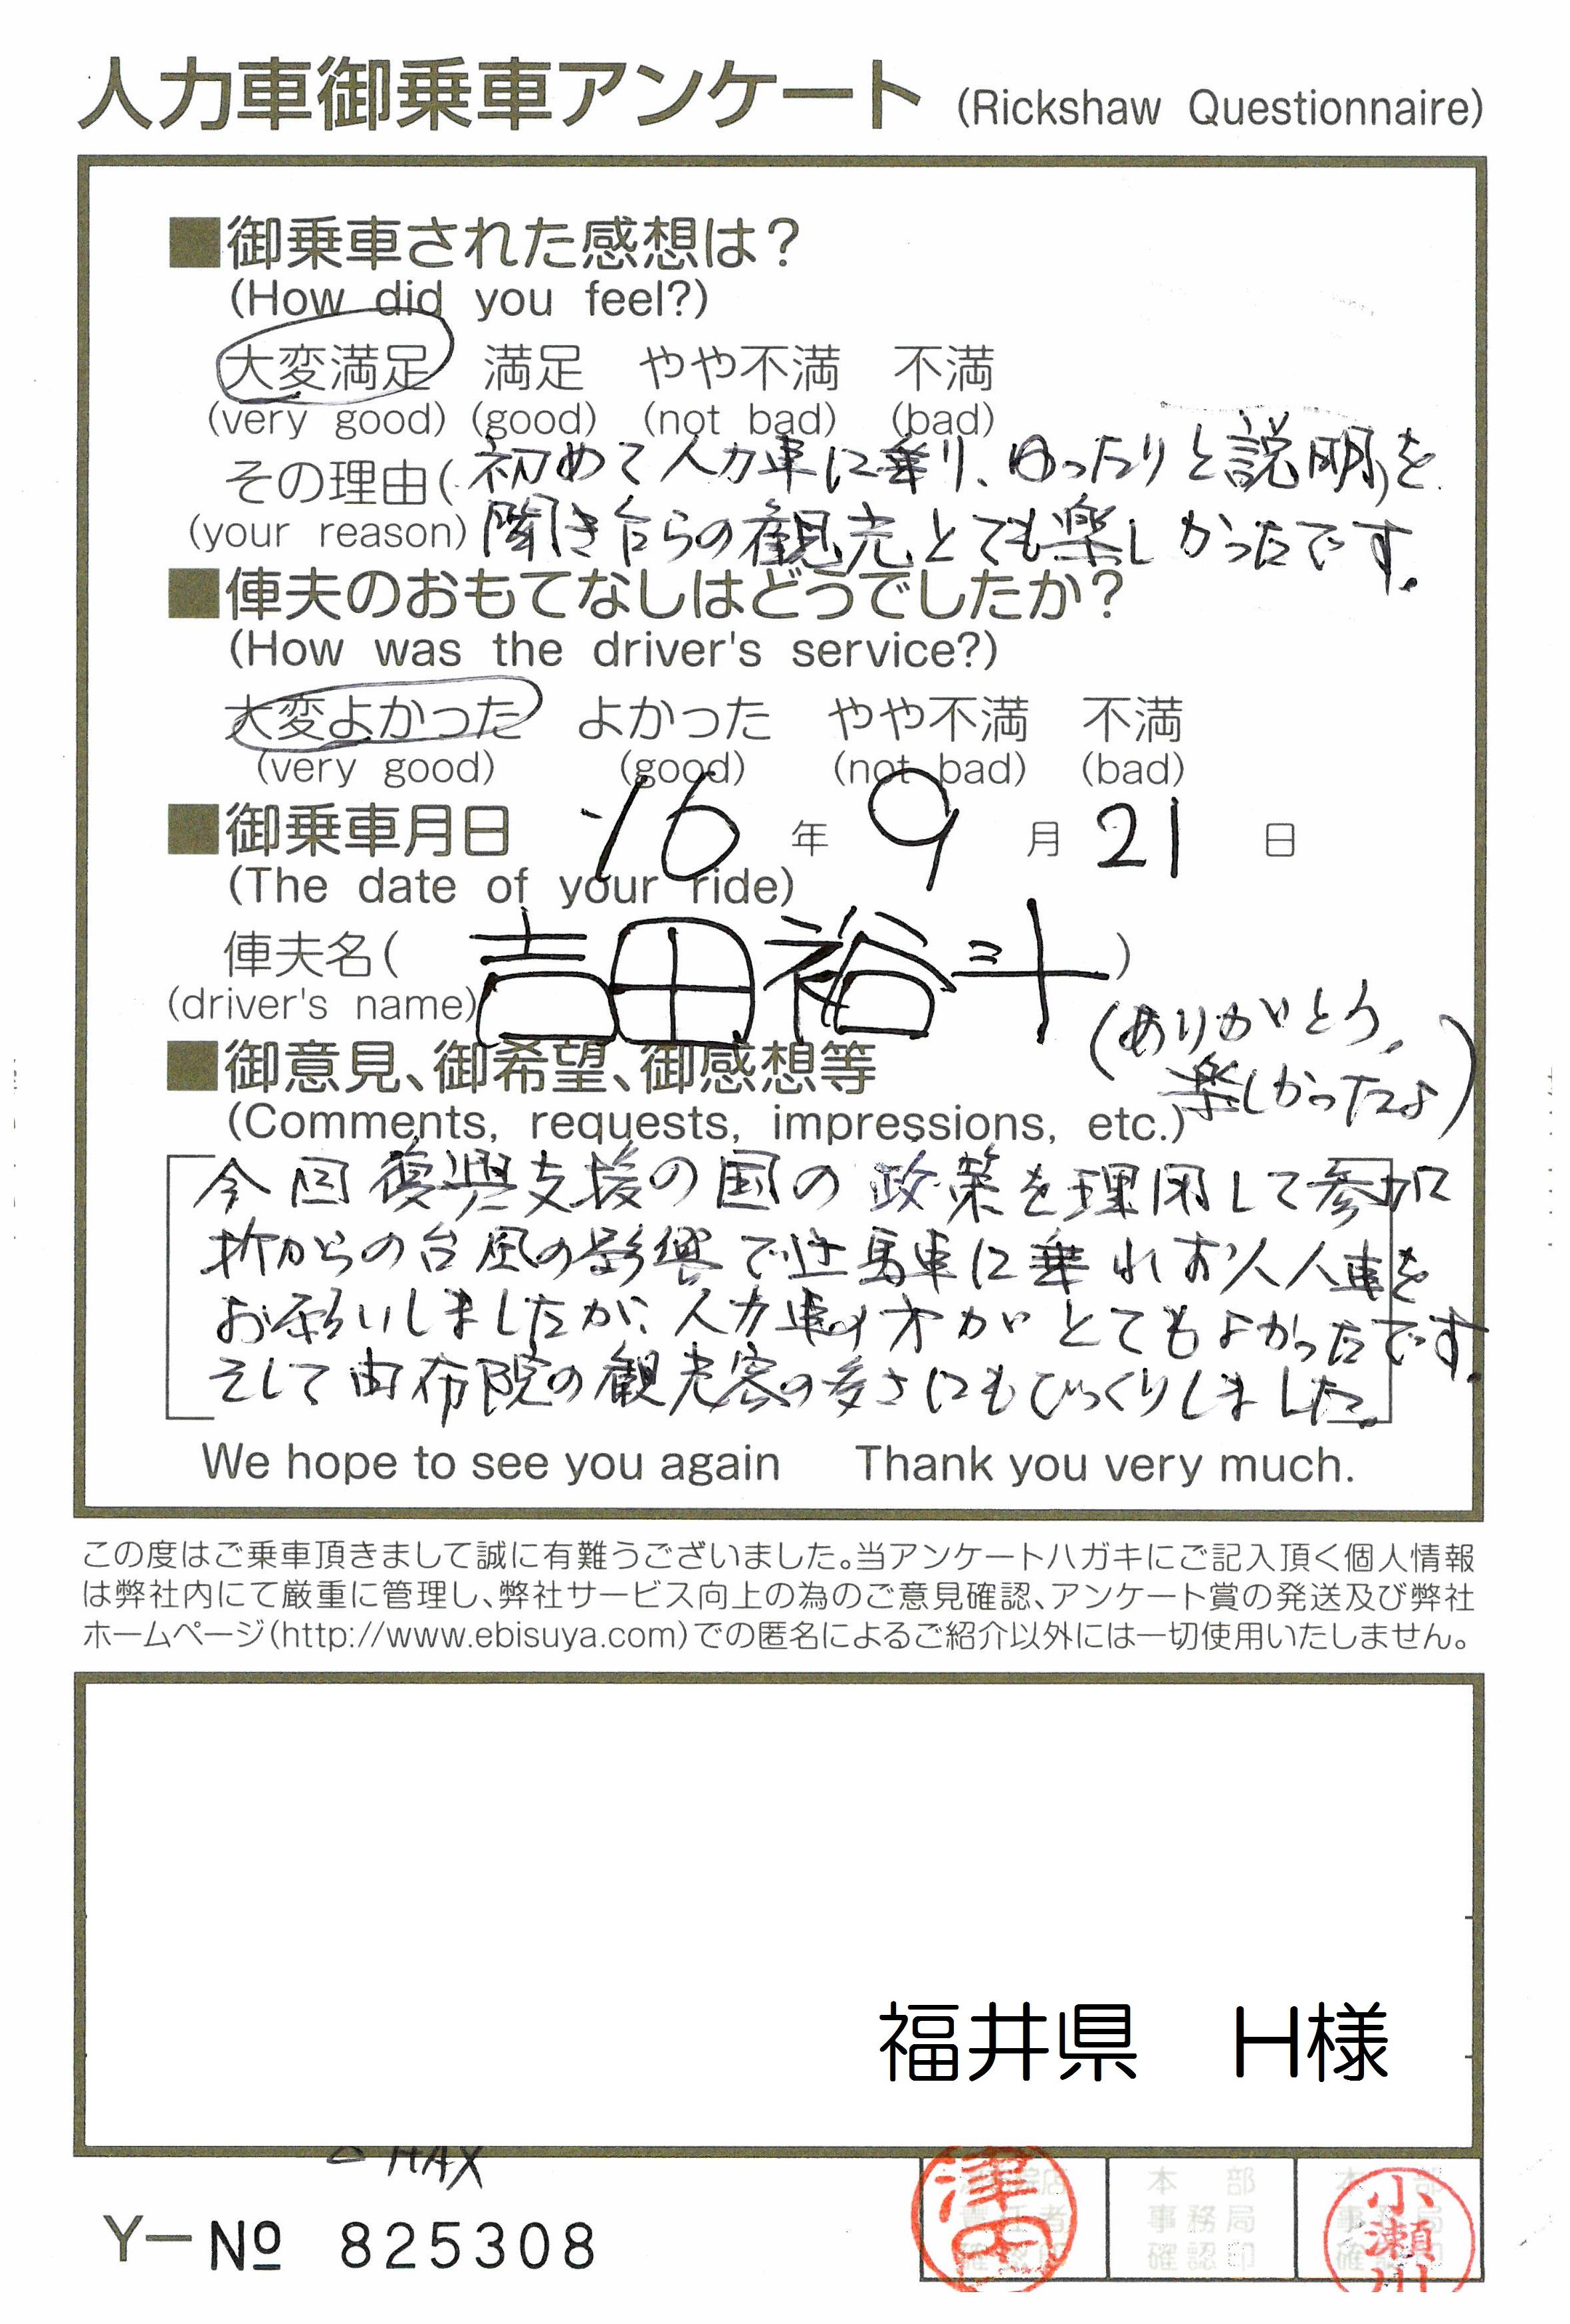 福井県 H様